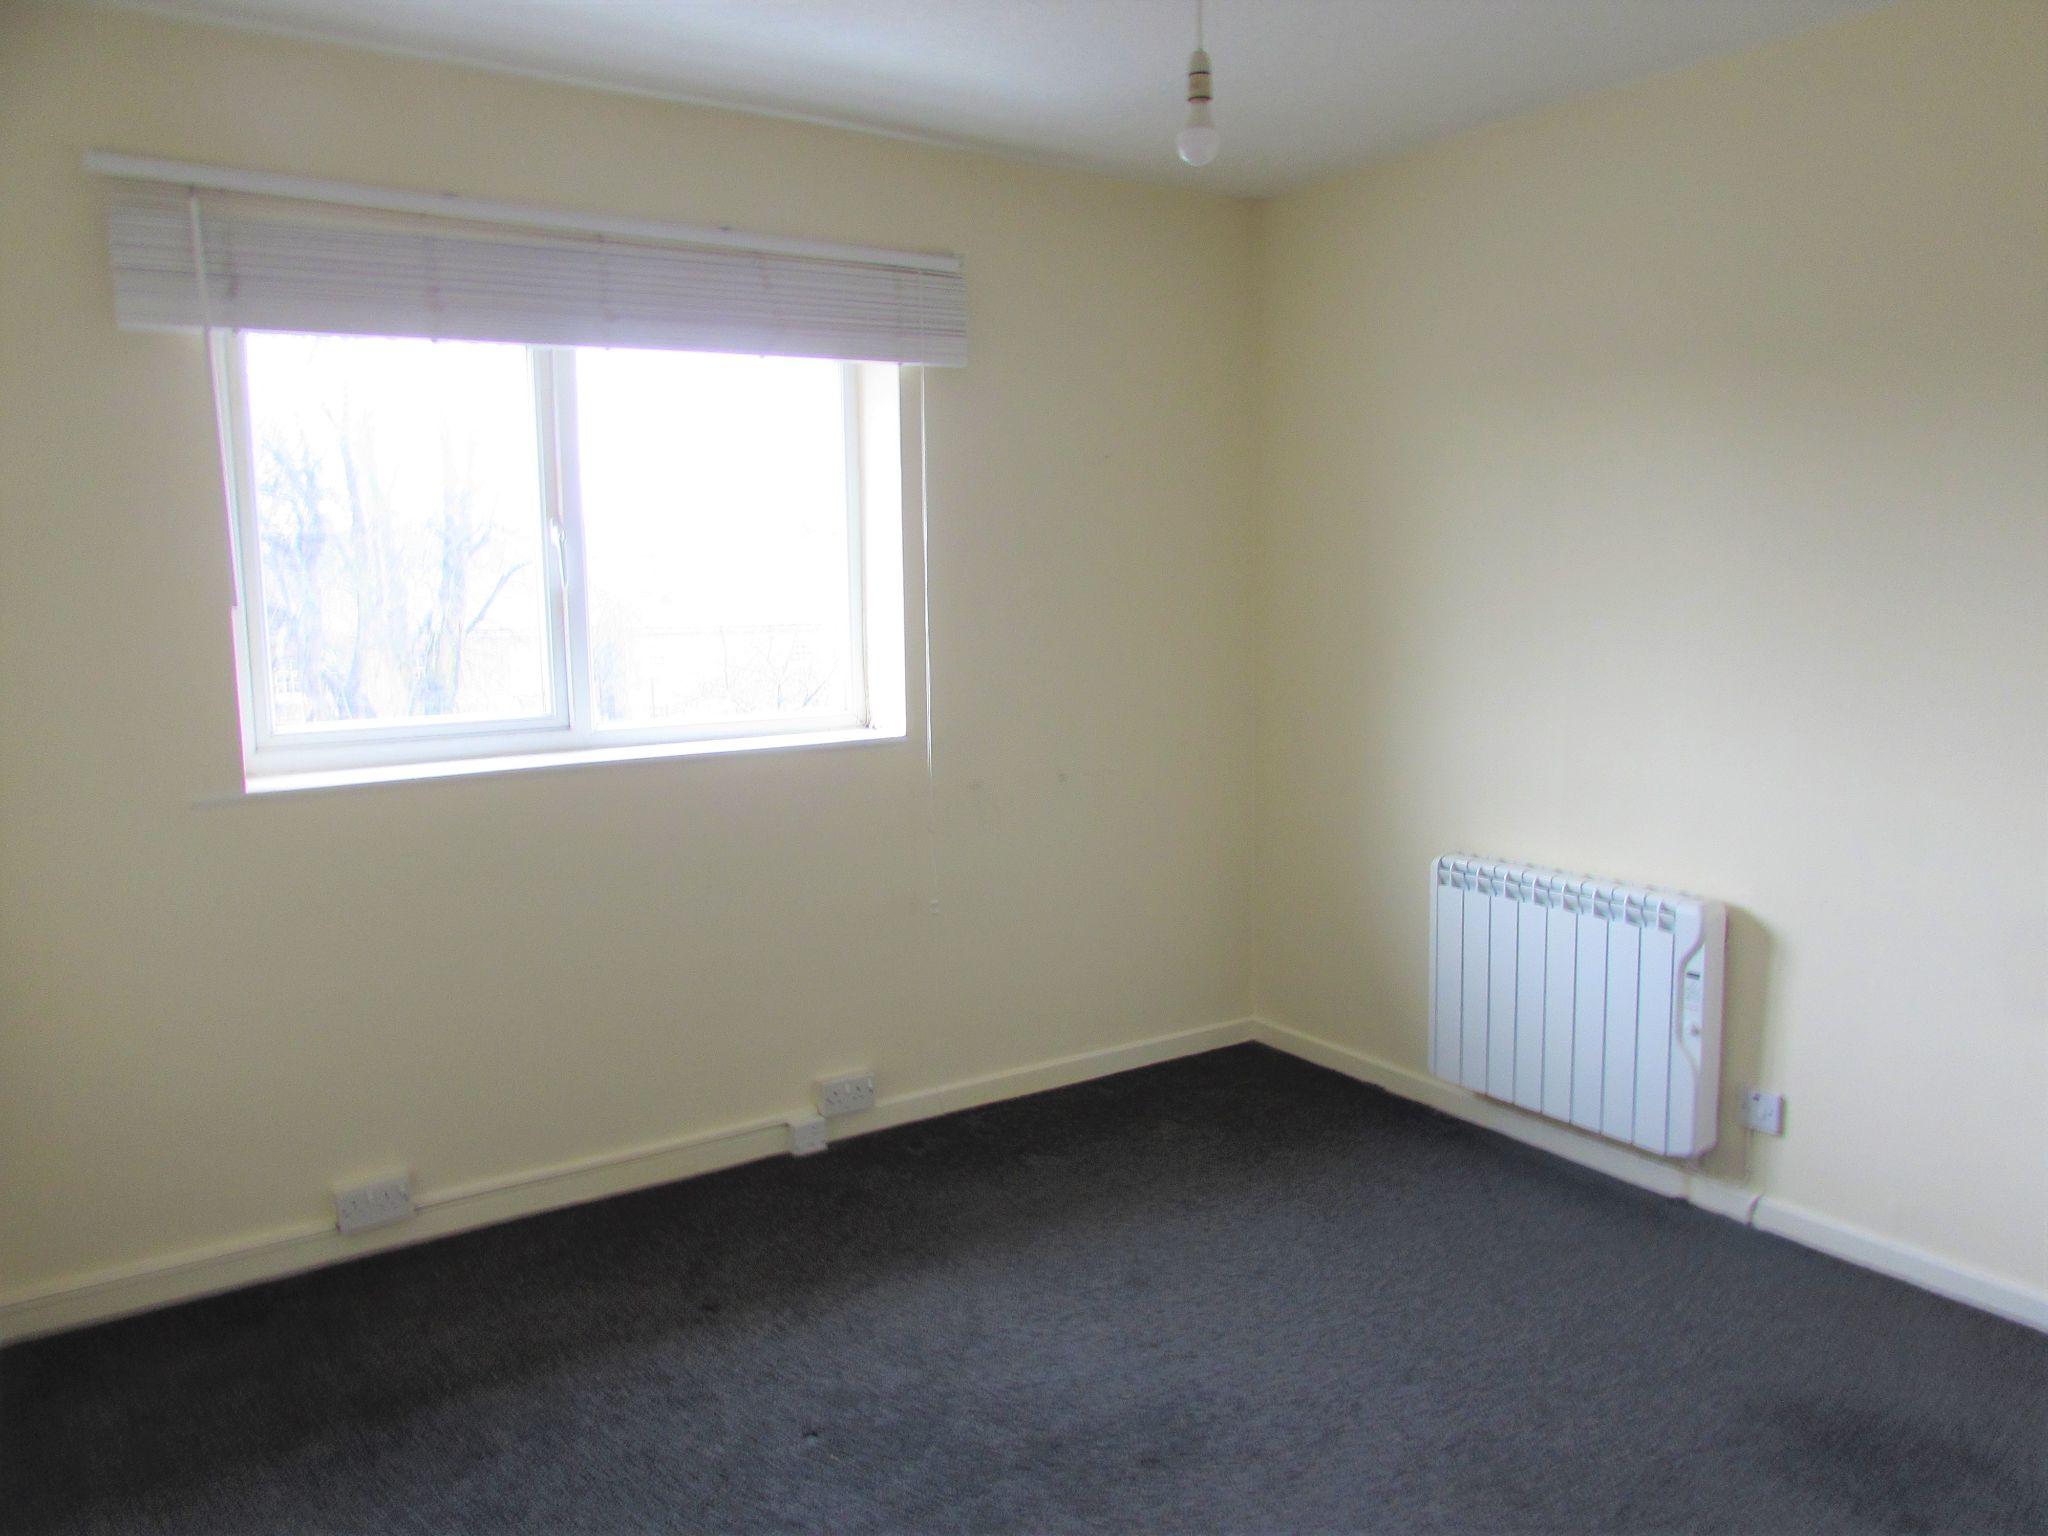 2 Bedroom Duplex Flat/apartment To Rent - Bedroom One